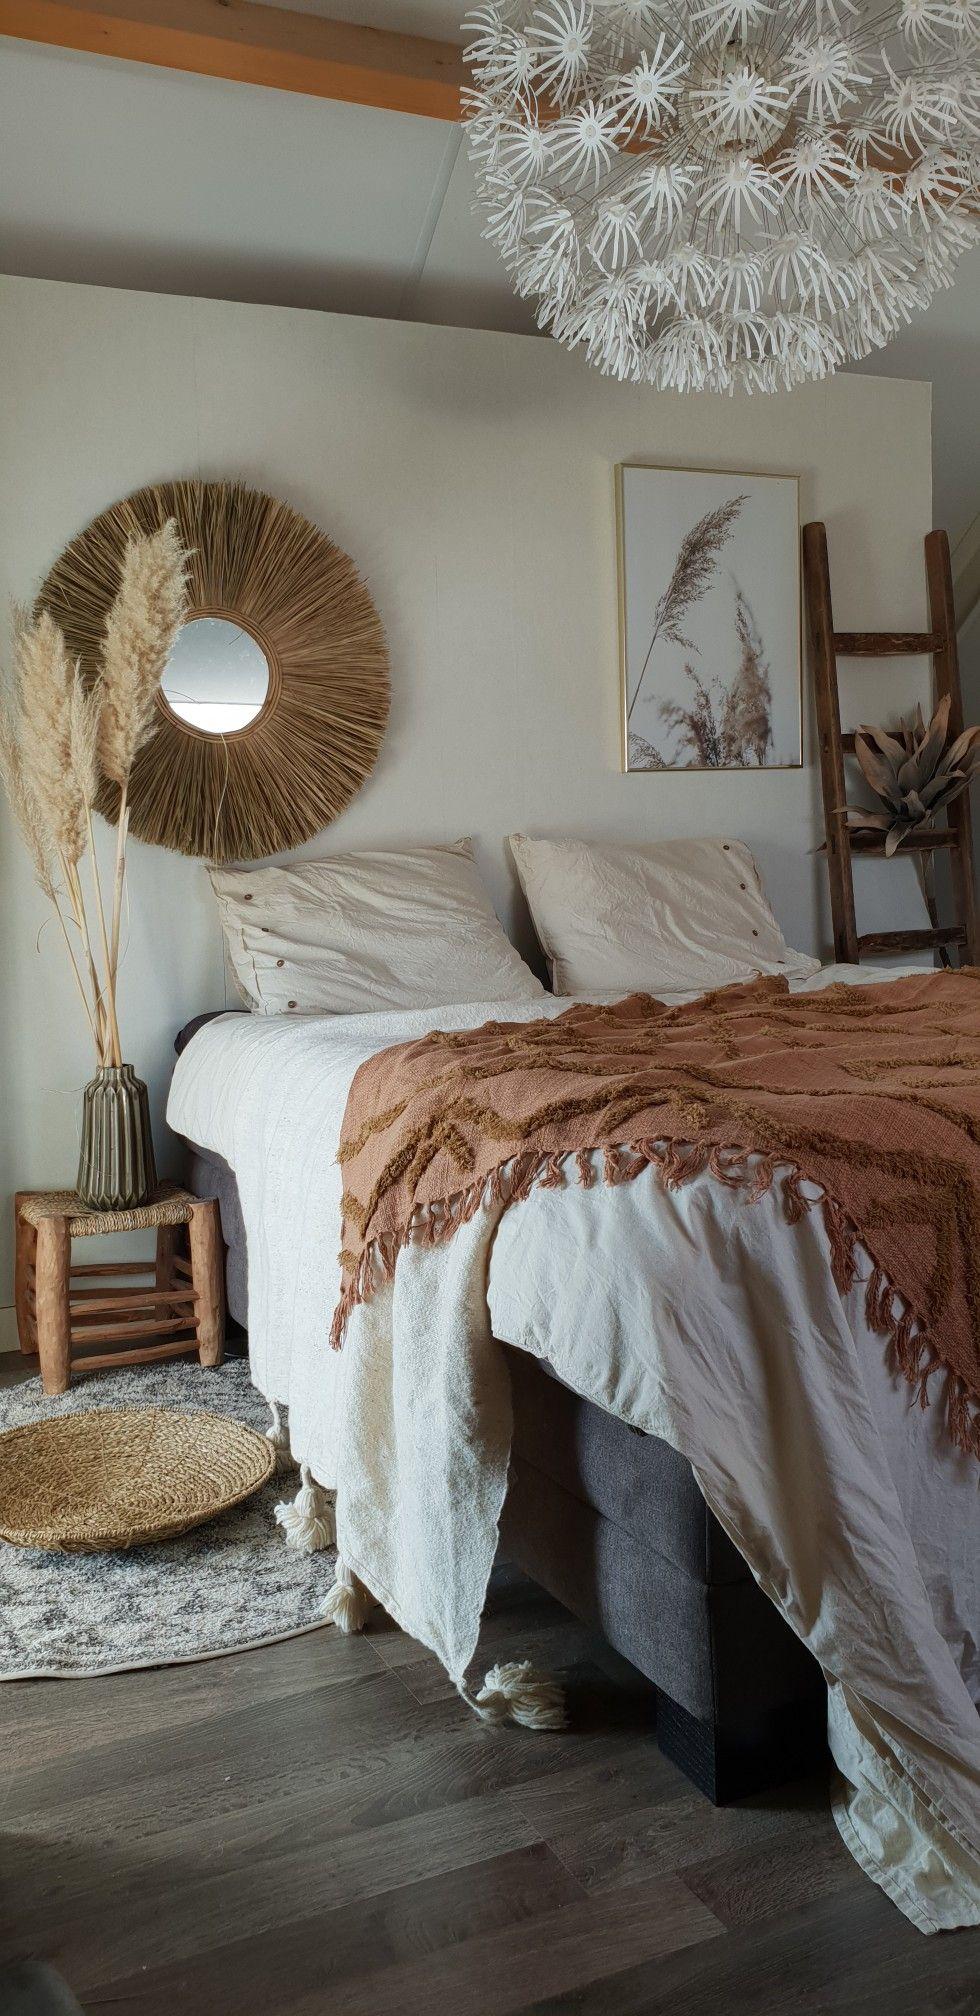 #bedroom #slaapkamer #bedroomgoals #bedroomstyle #bedroominspiration #slaapkamerinspiratie #whitebedroom #scandinavianbedroom #slaapkamerinspiratie #bedroomgoals #mirror #cozybedroom